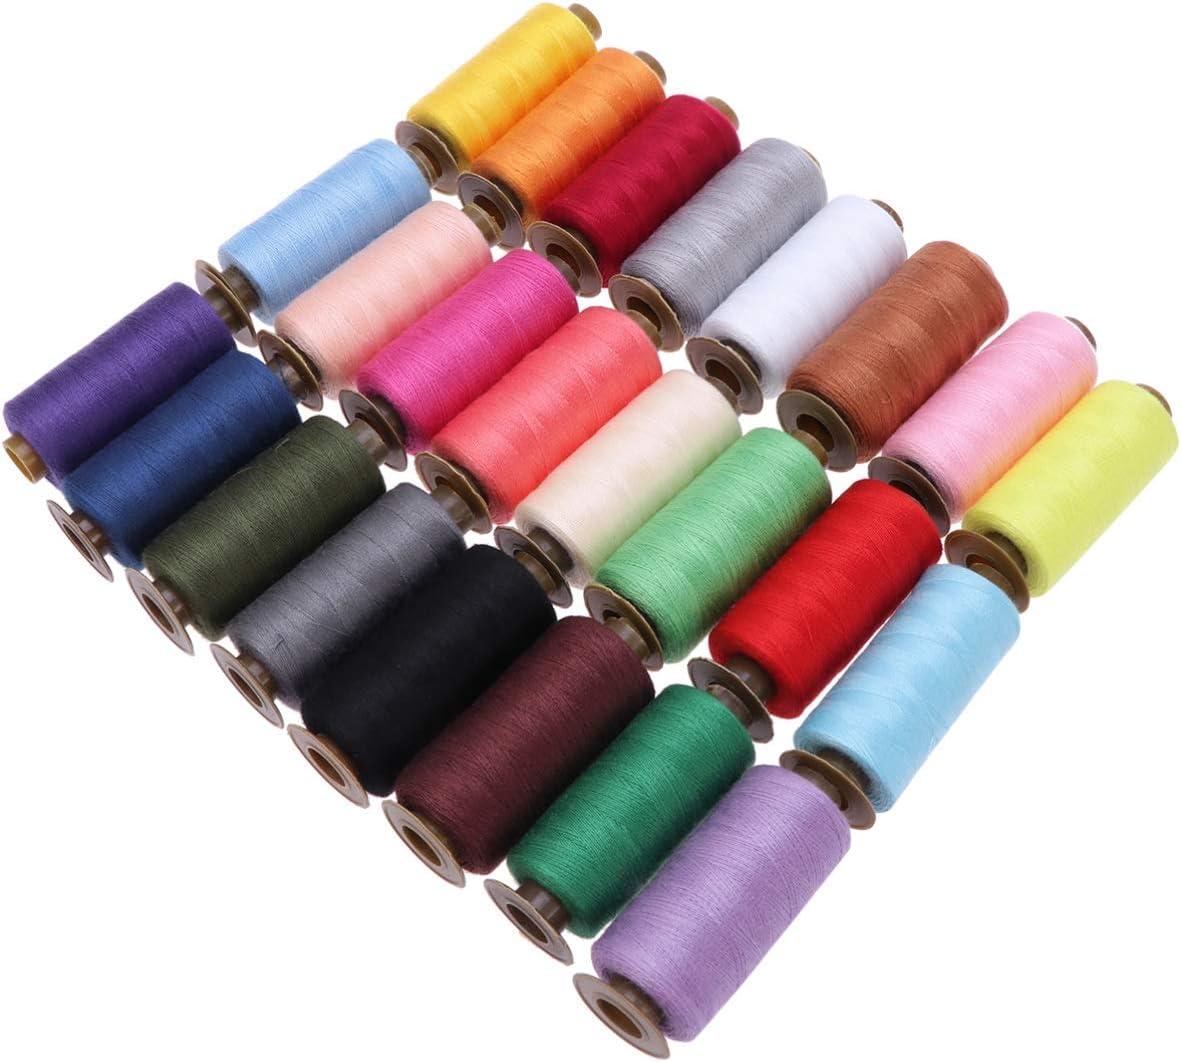 HEALLILY 24 bobinas de hilo de coser de poli/éster de 500 yardas para cortinas de tela coloridas